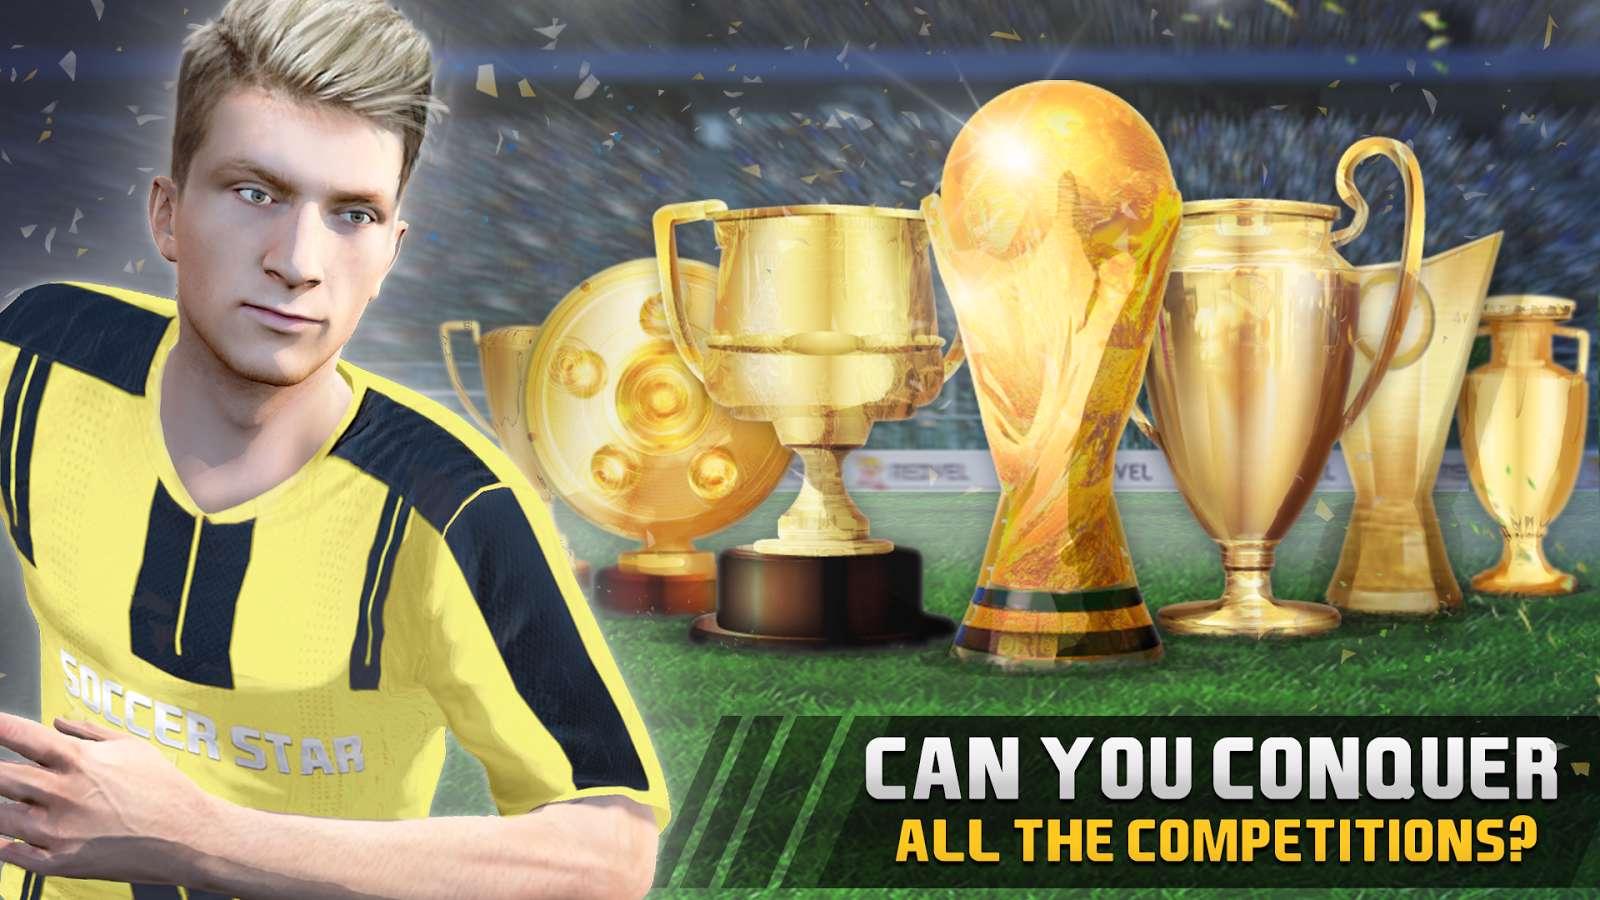 دانلود بازی فوتبال Soccer Star 2018 Top Leagues 1.3.5 برای اندروید